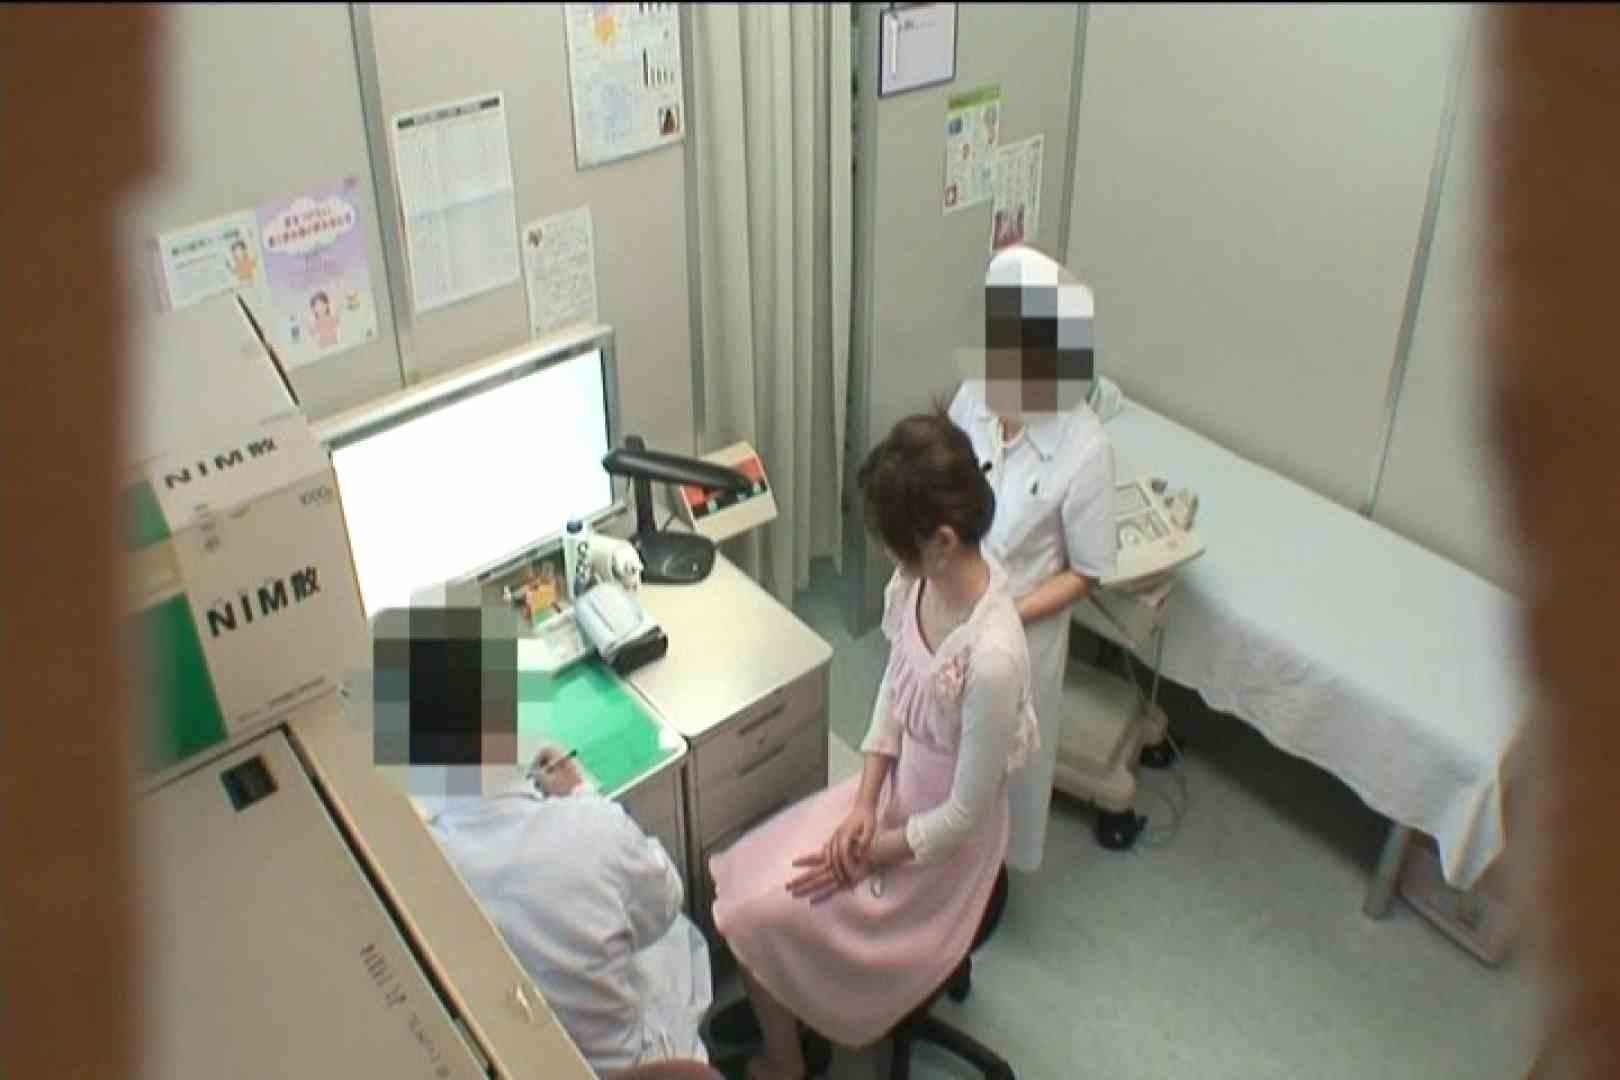 患者のおまんこをコレクションする変態医師の流出映像Vol.5 マンコ・ムレムレ  73pic 4